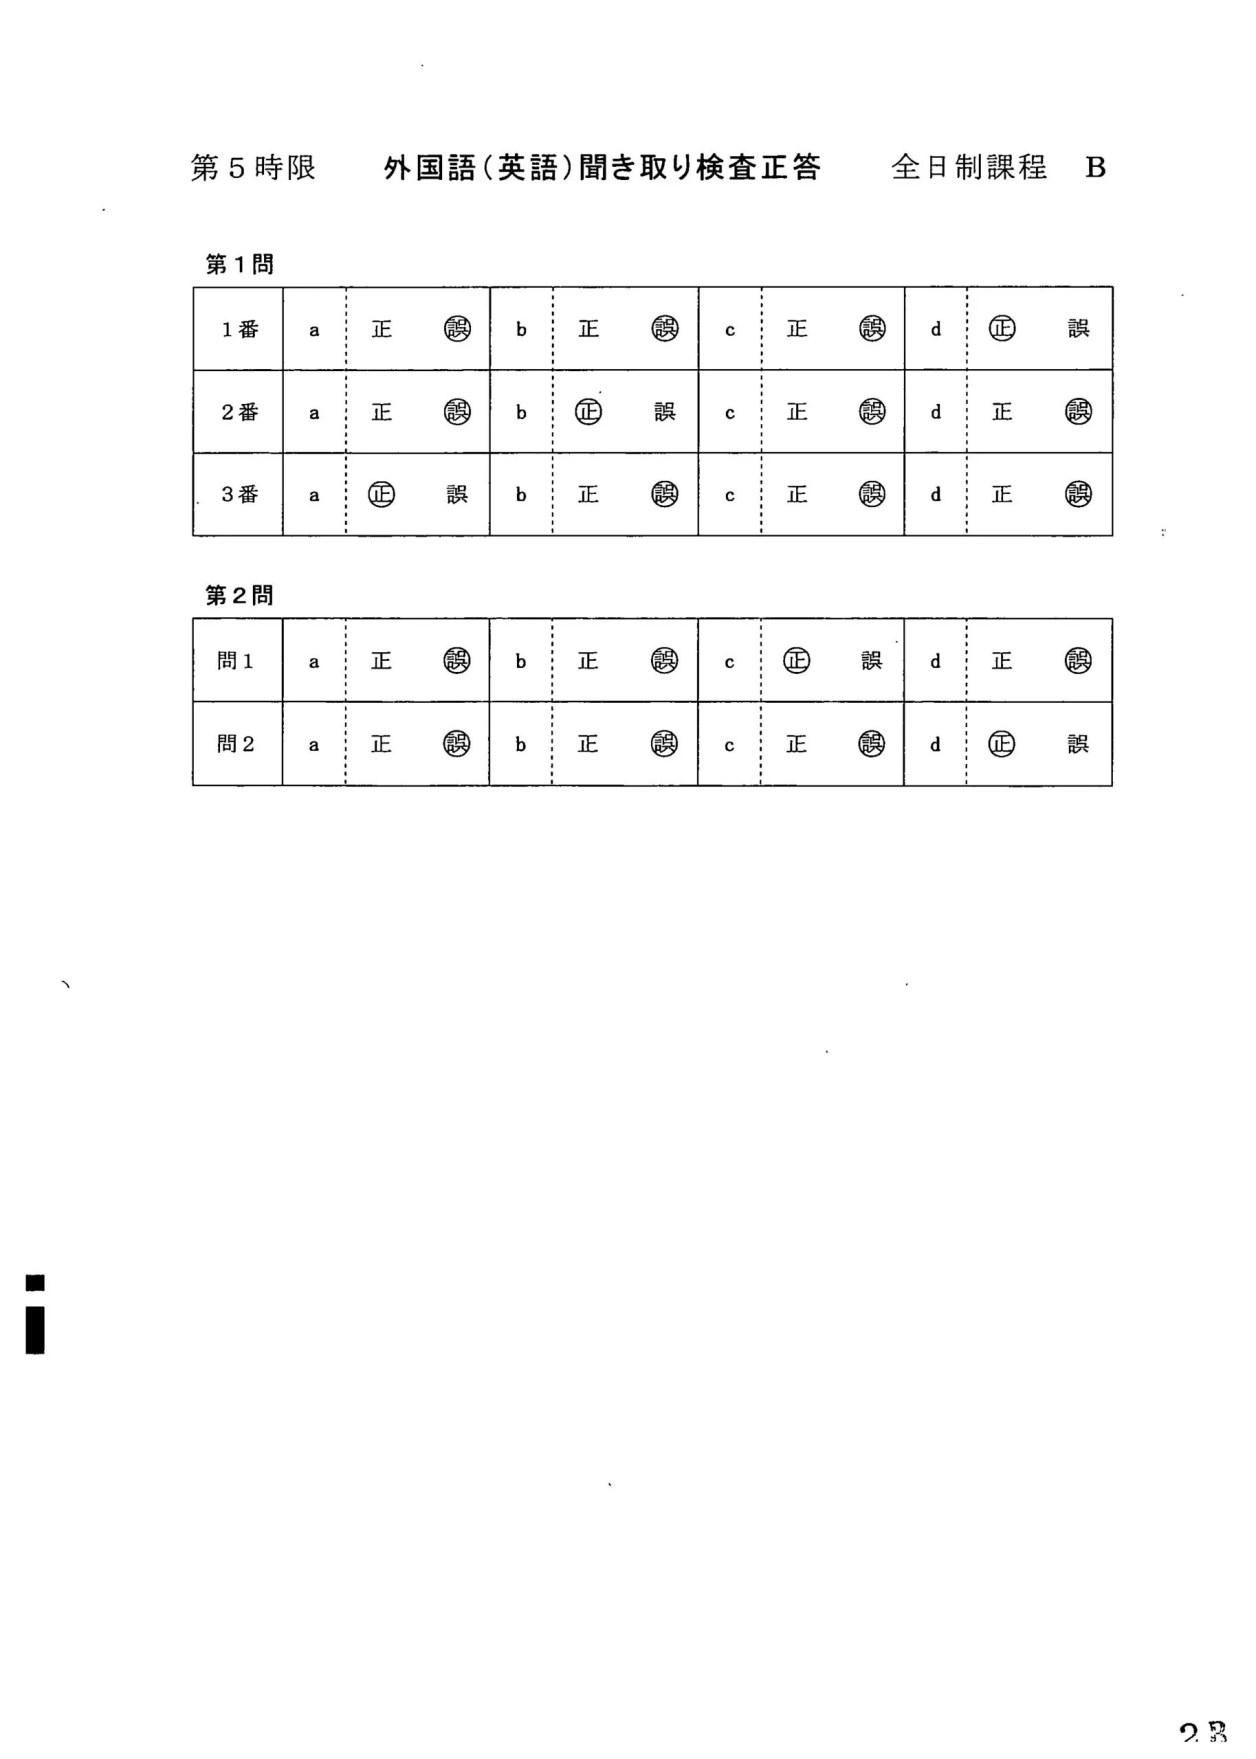 2020愛知県公立高校B英語聞き取り_模範解答例